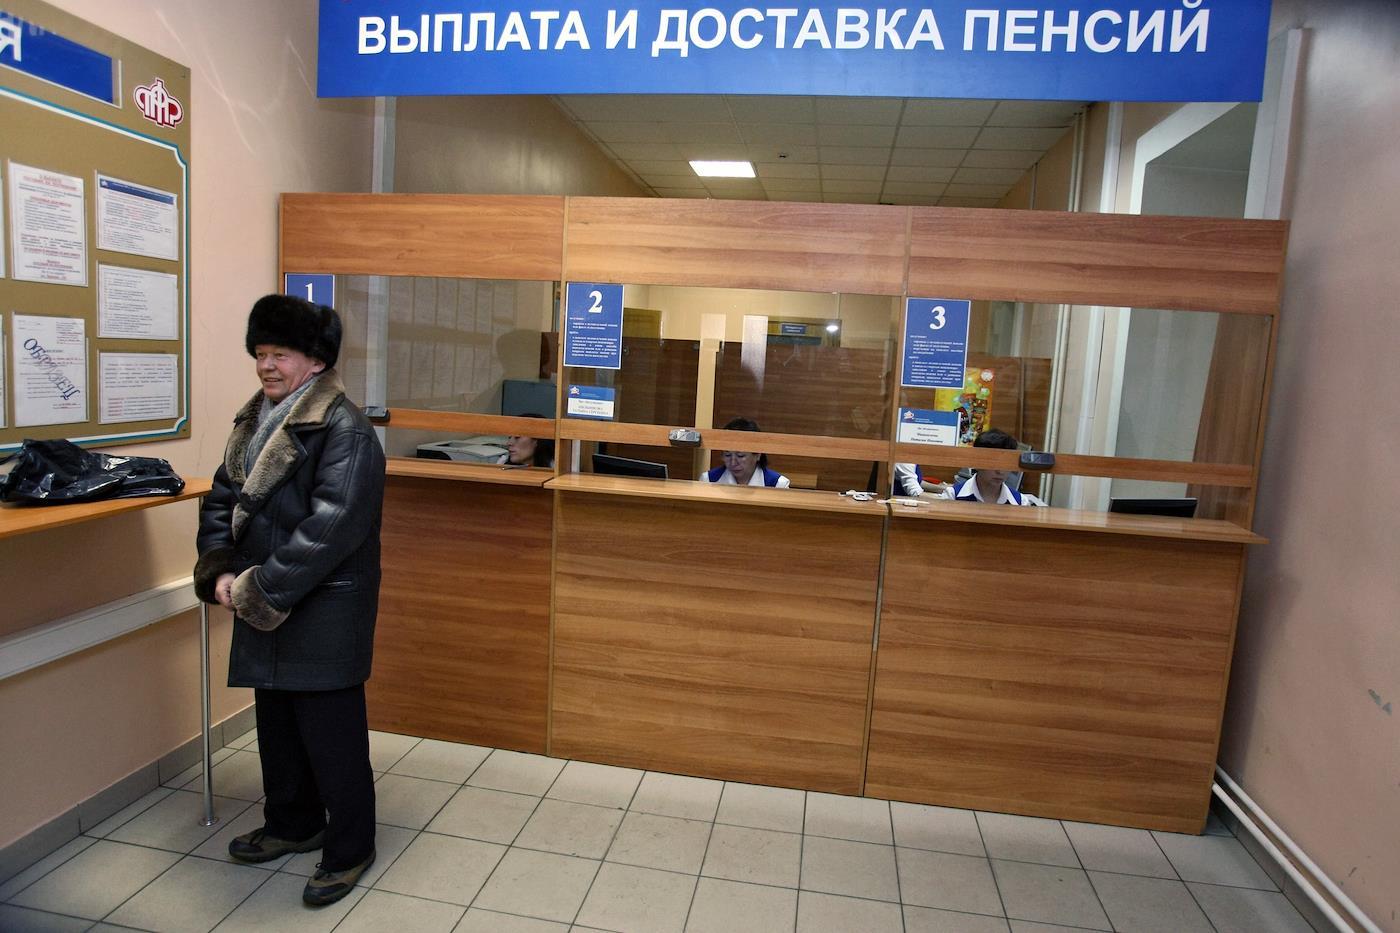 автор фото Александр Миридонов/Коммерсантъ